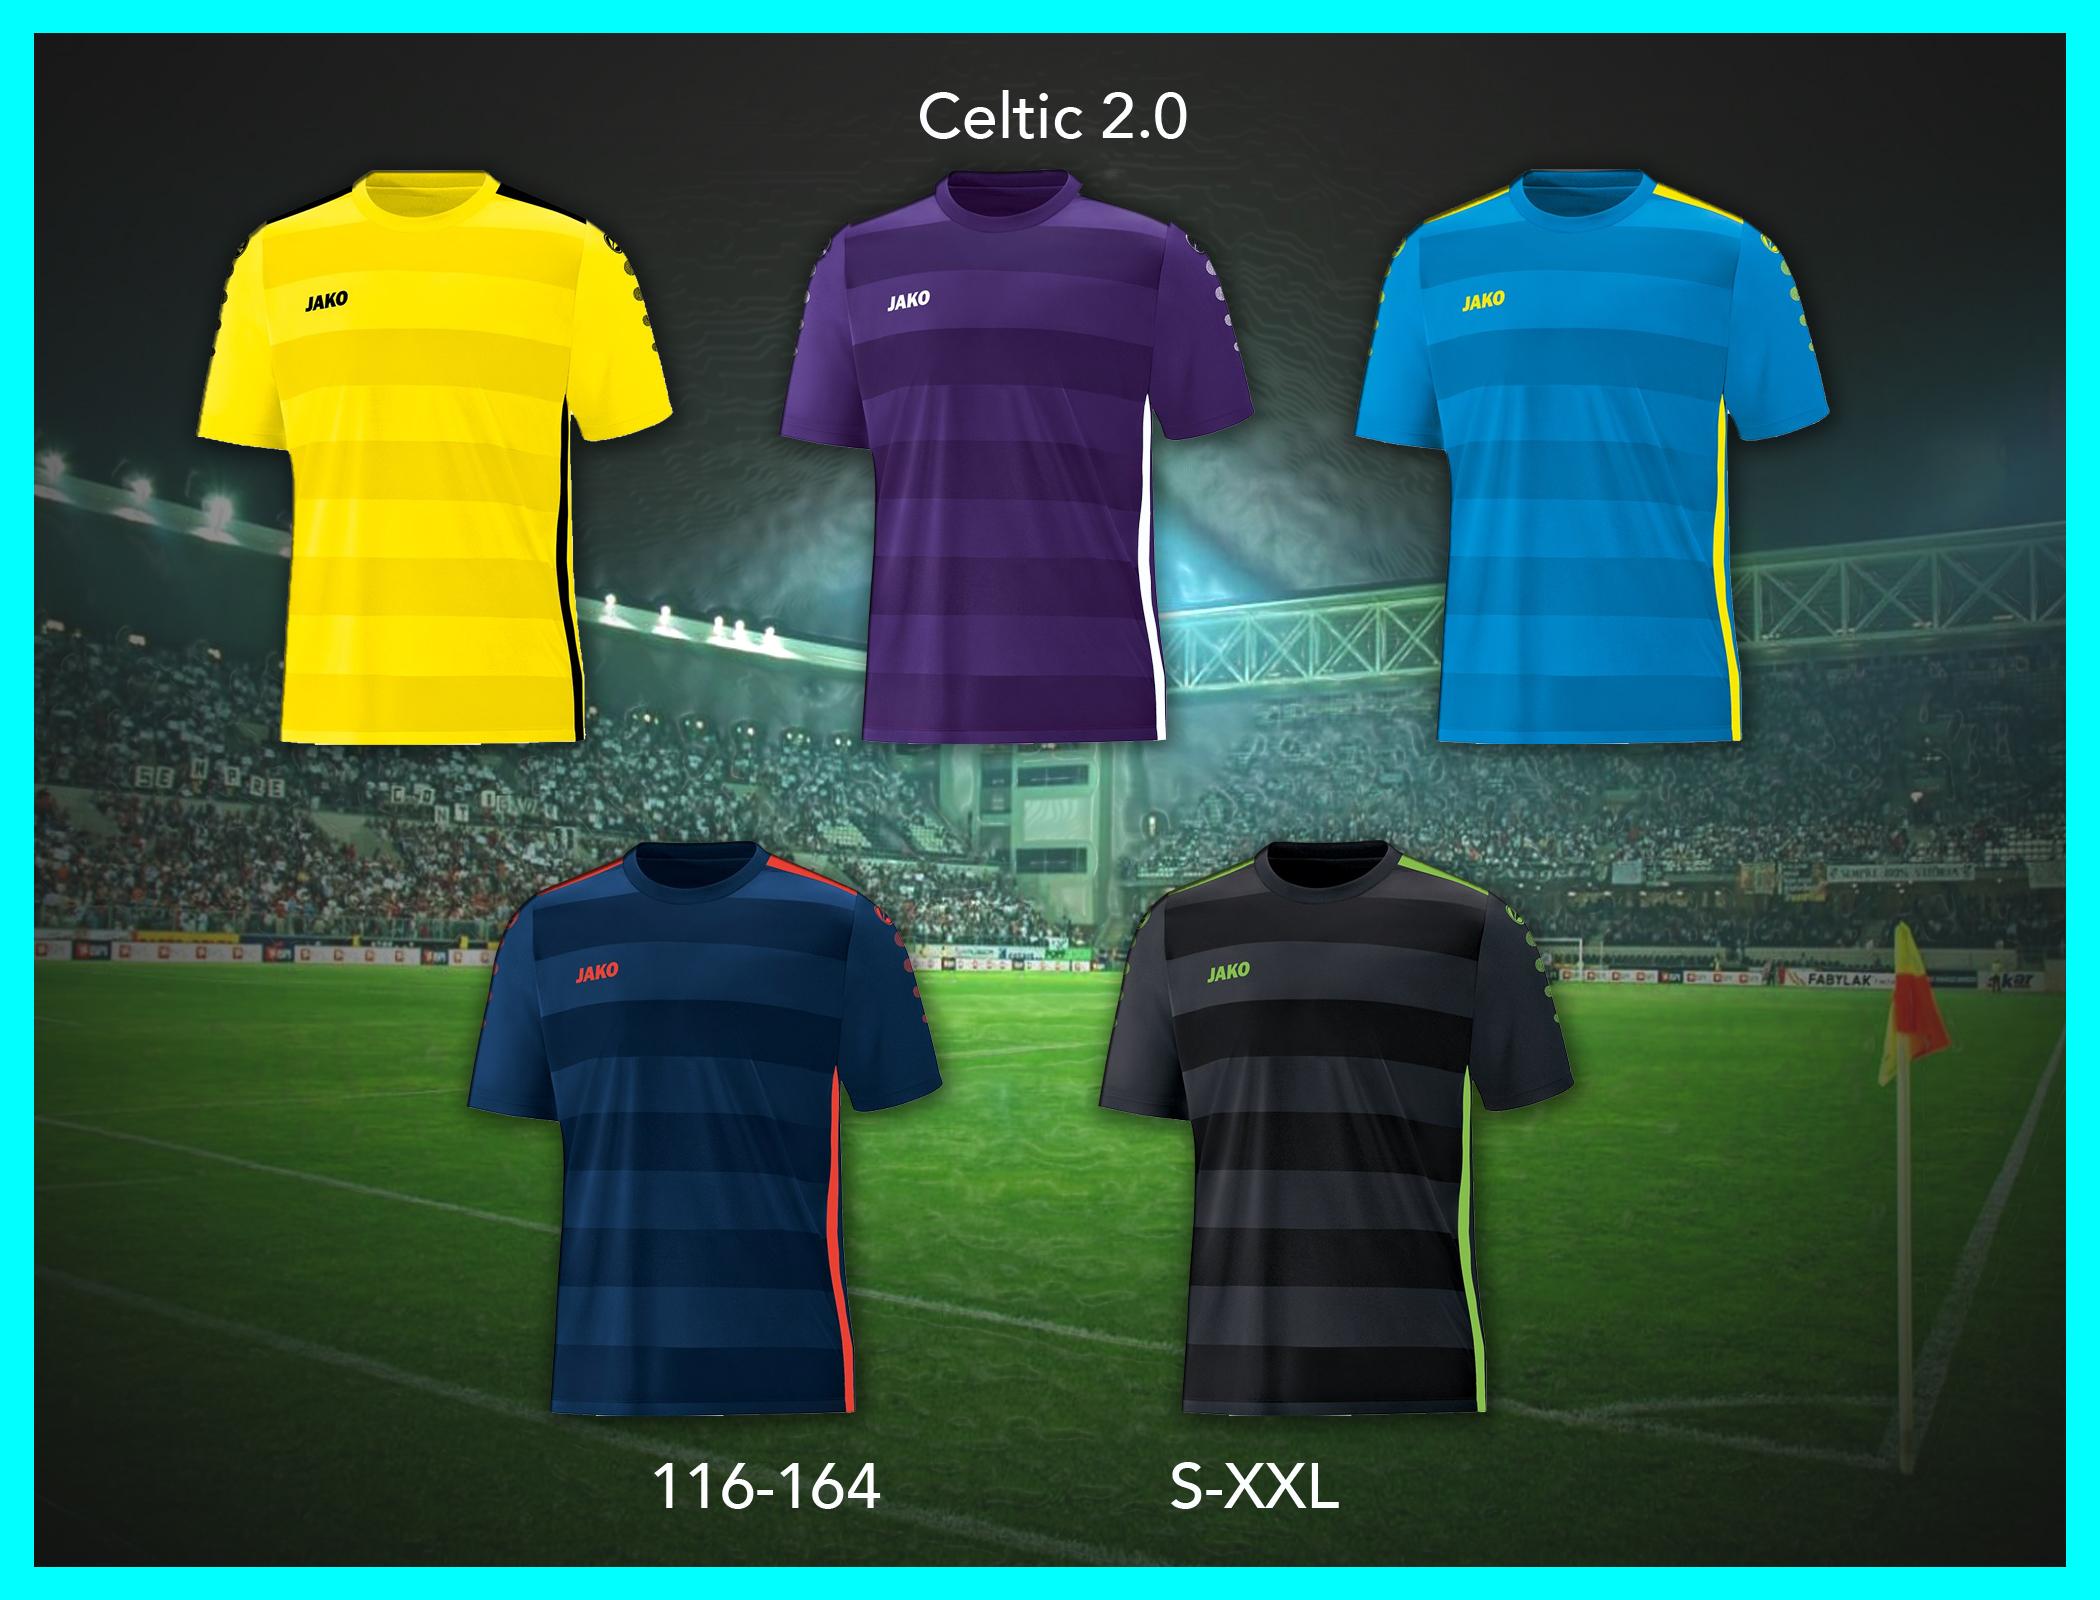 jalkapallopaita celtic 2.0/1